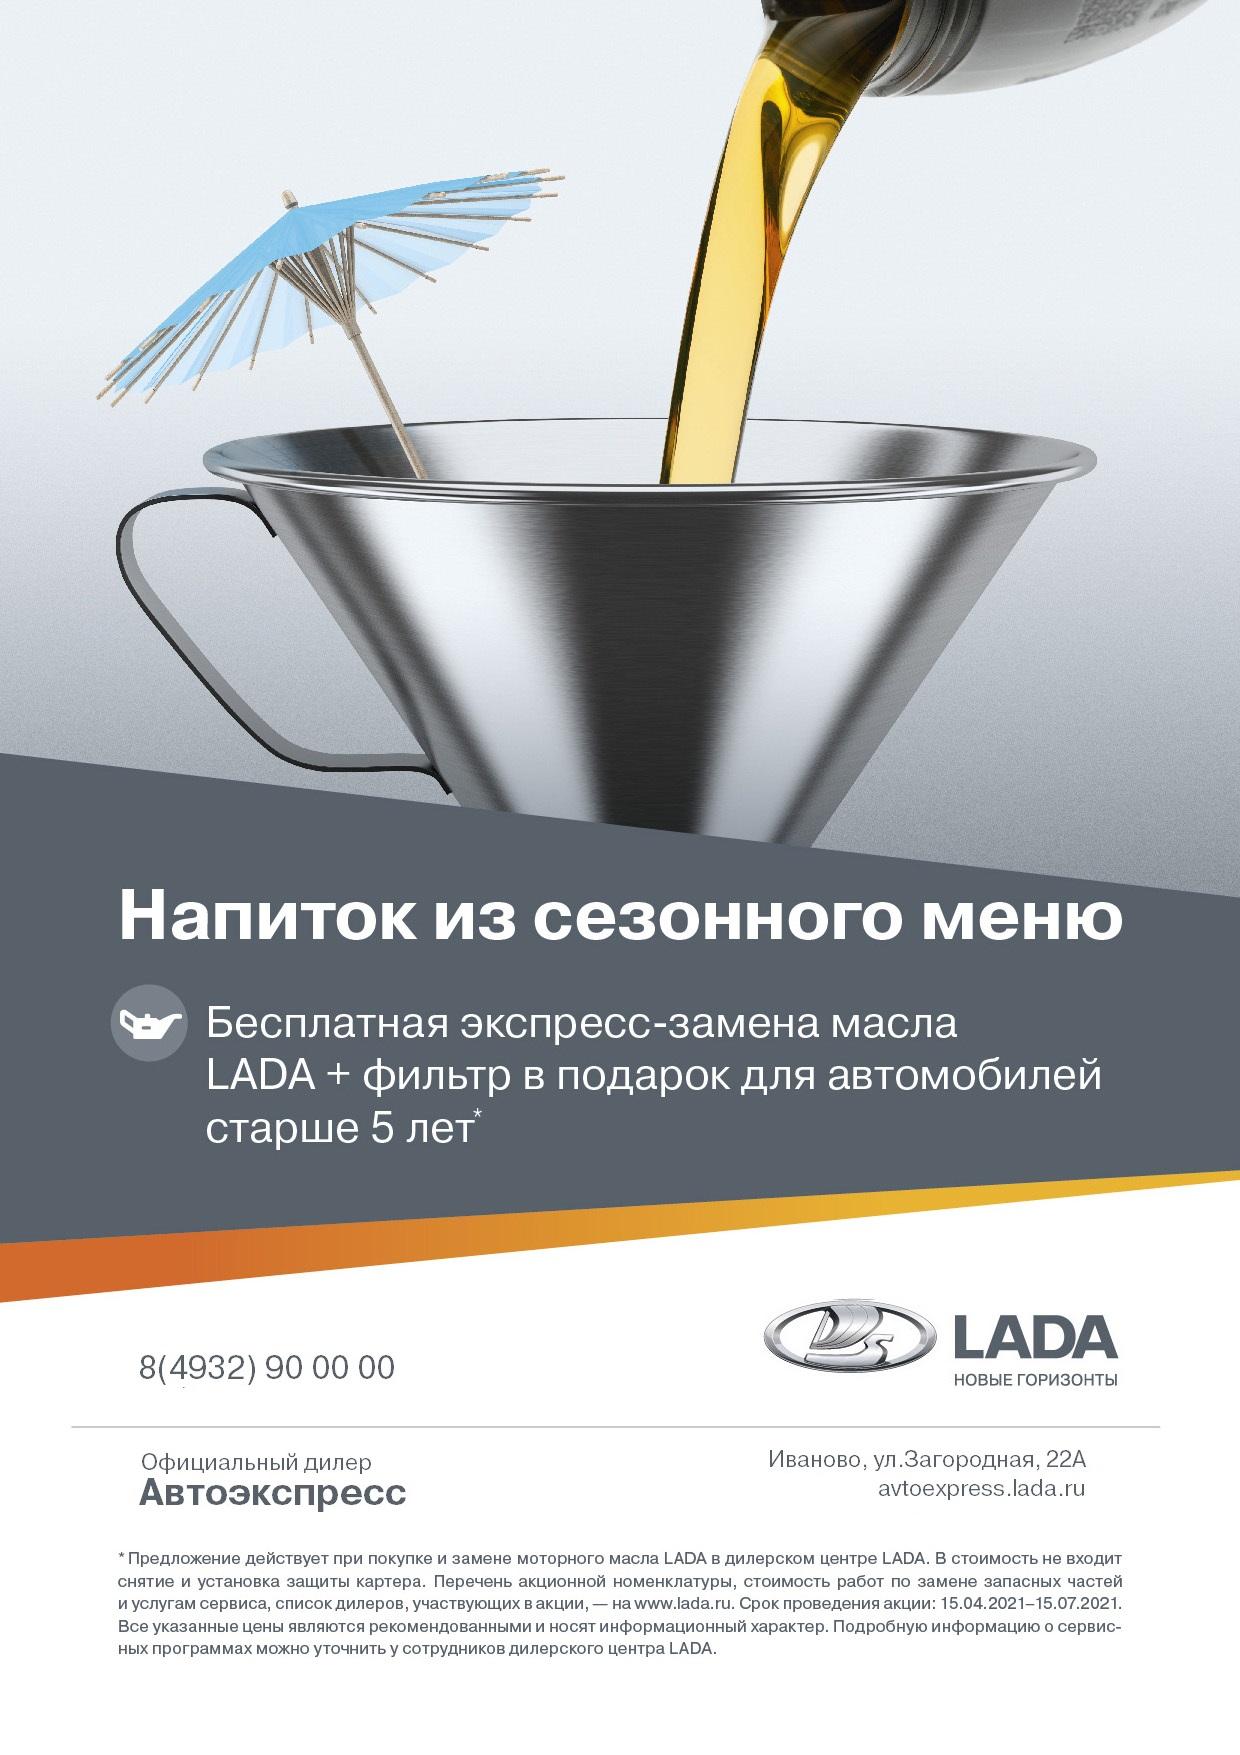 Бесплатная экспресс - замена масла LADA